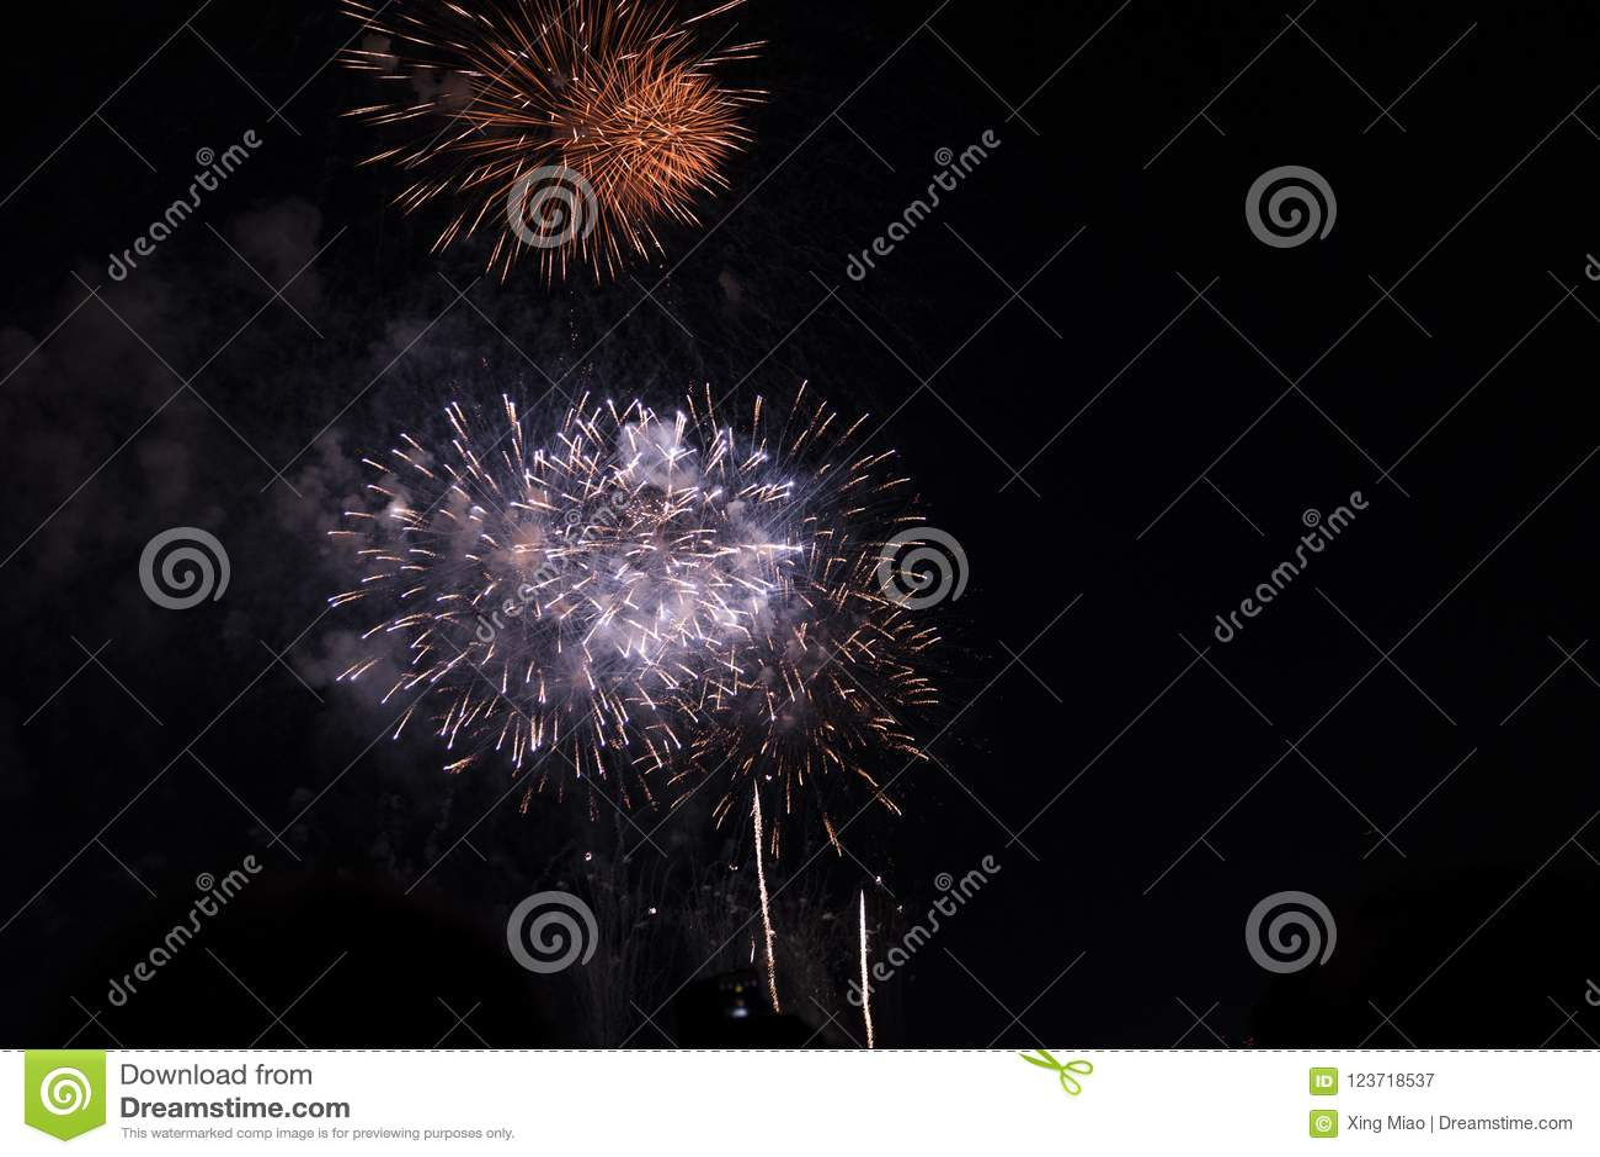 Fogos-de-artifício múltiplos no céu noturno em uma composição nas máscaras vermelhas e brancas